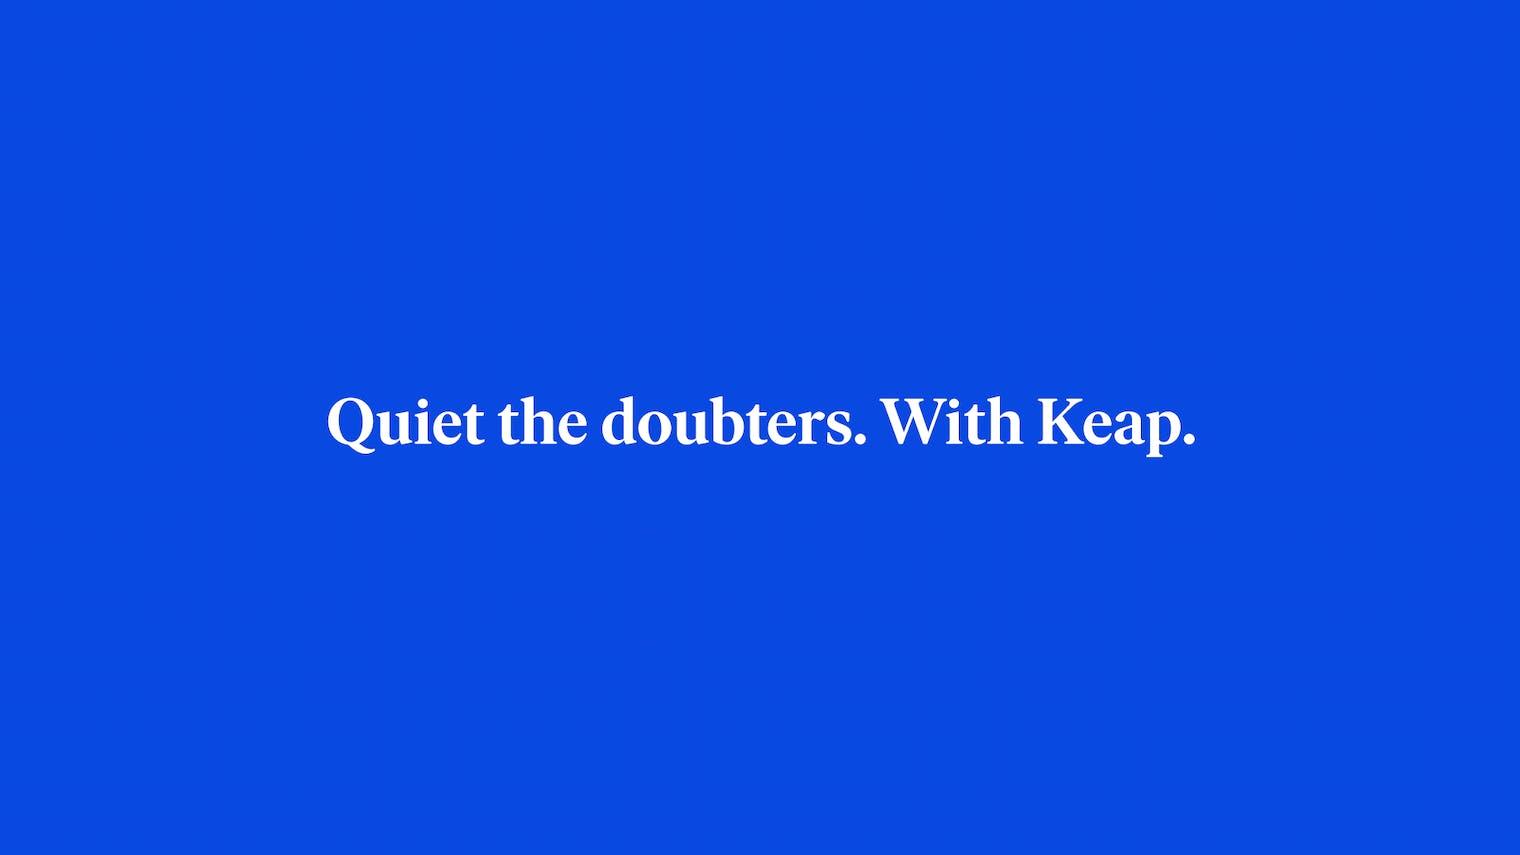 Keap Blue End Card